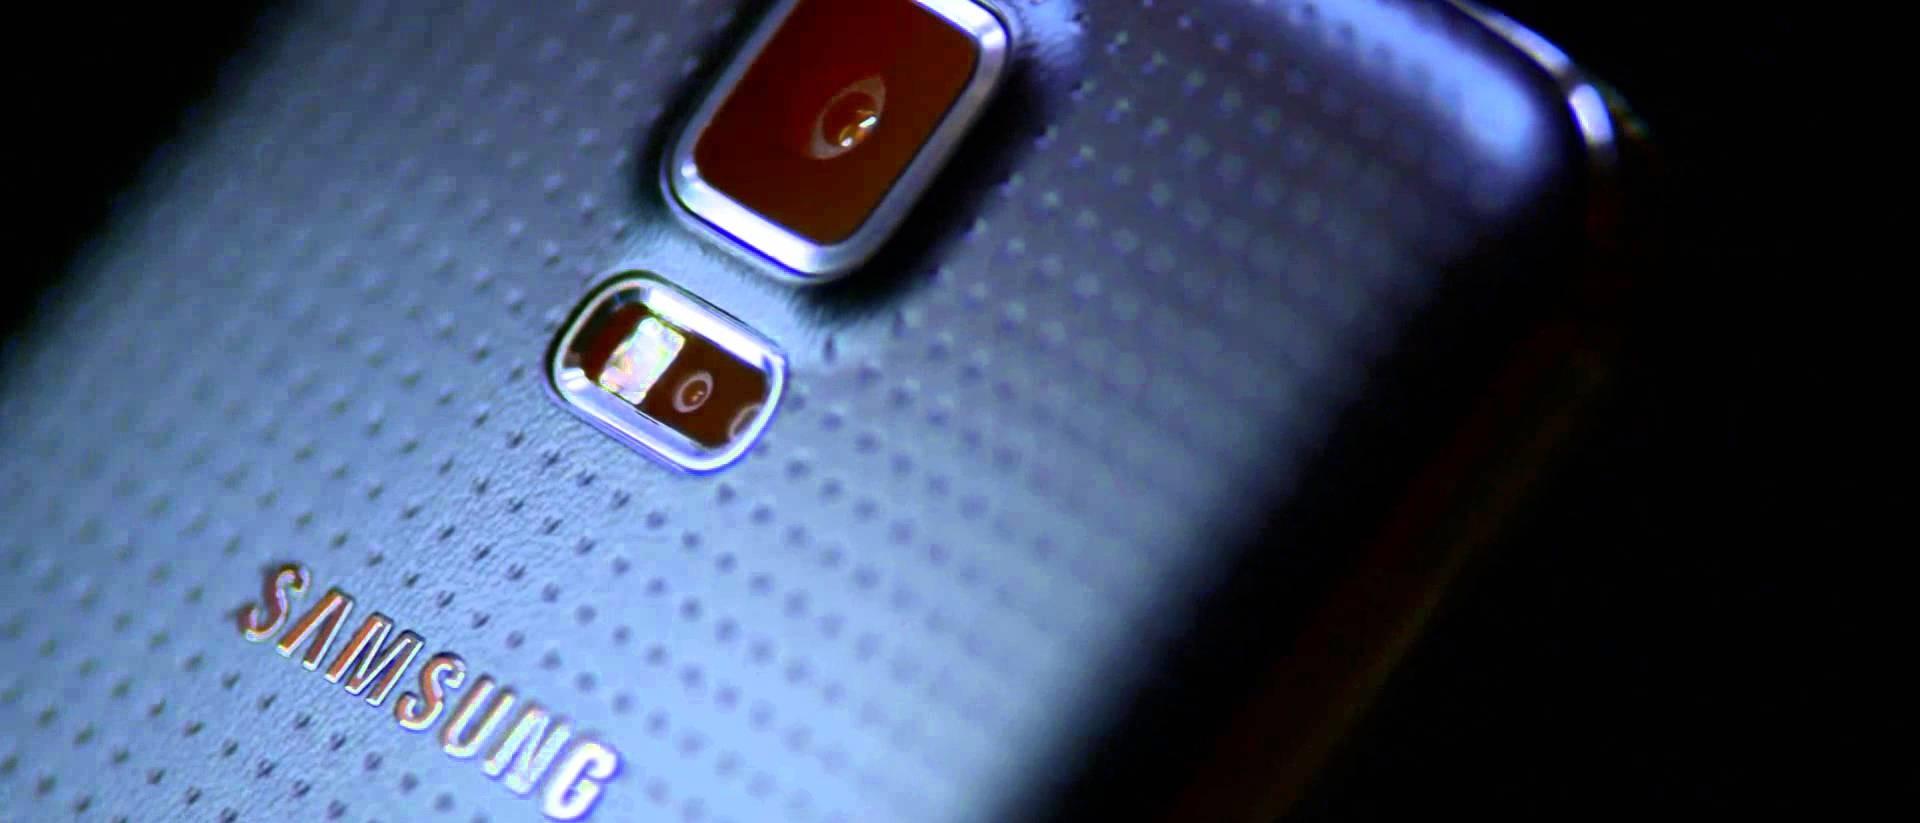 Samsung lança Galaxy S5 com LTE-A e Snapdragon 805 em Singapura